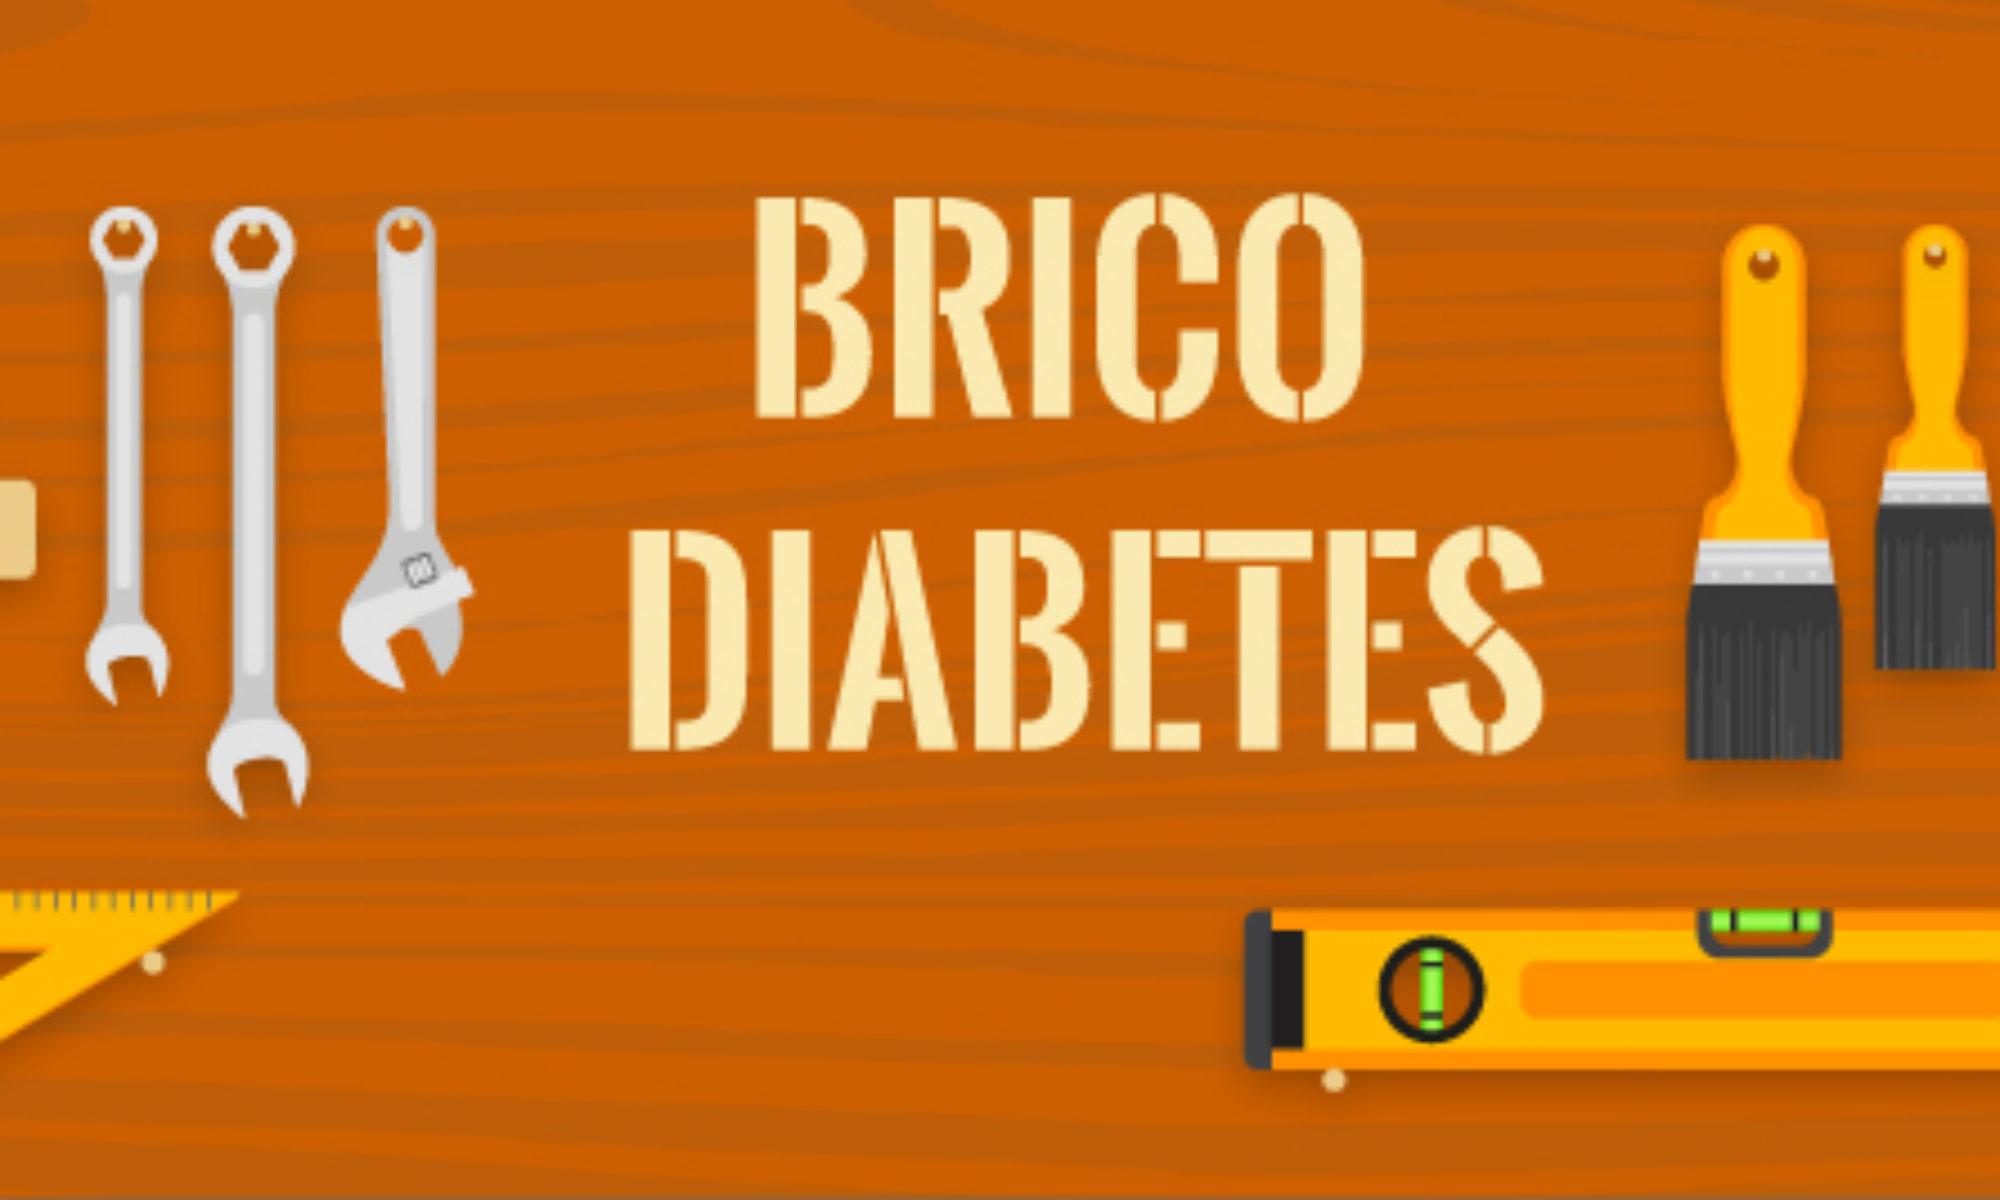 Brico diabetes